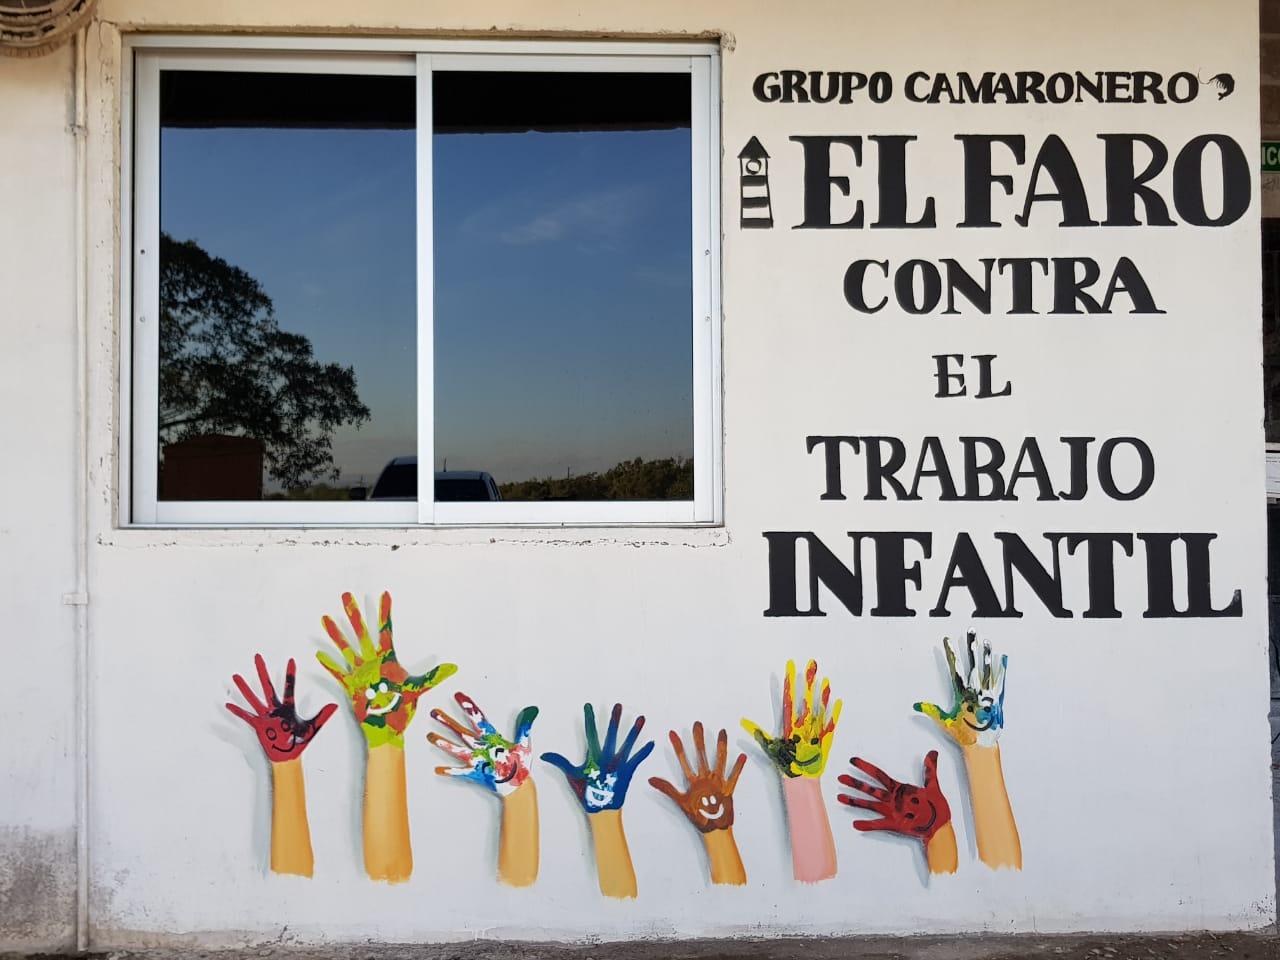 Mural contra el trabajo infantil en El Faro